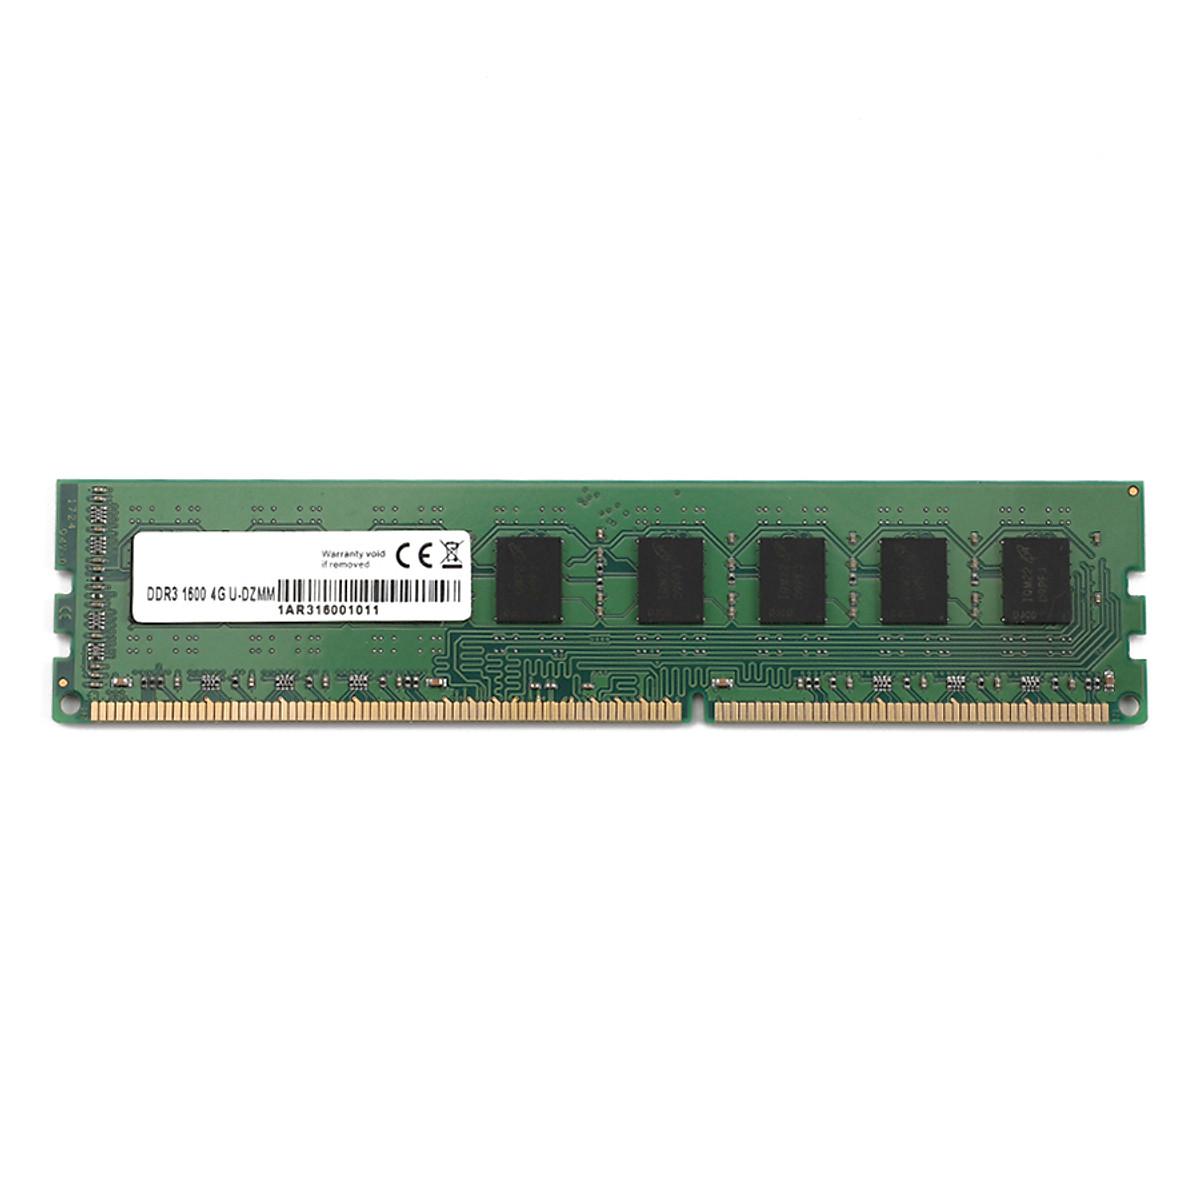 Hình đại diện sản phẩm MBDDR3091600 DDR3 4G RAM 1600MHz 240PIN 1.2V DIMM Desktop Memory Green 4GB